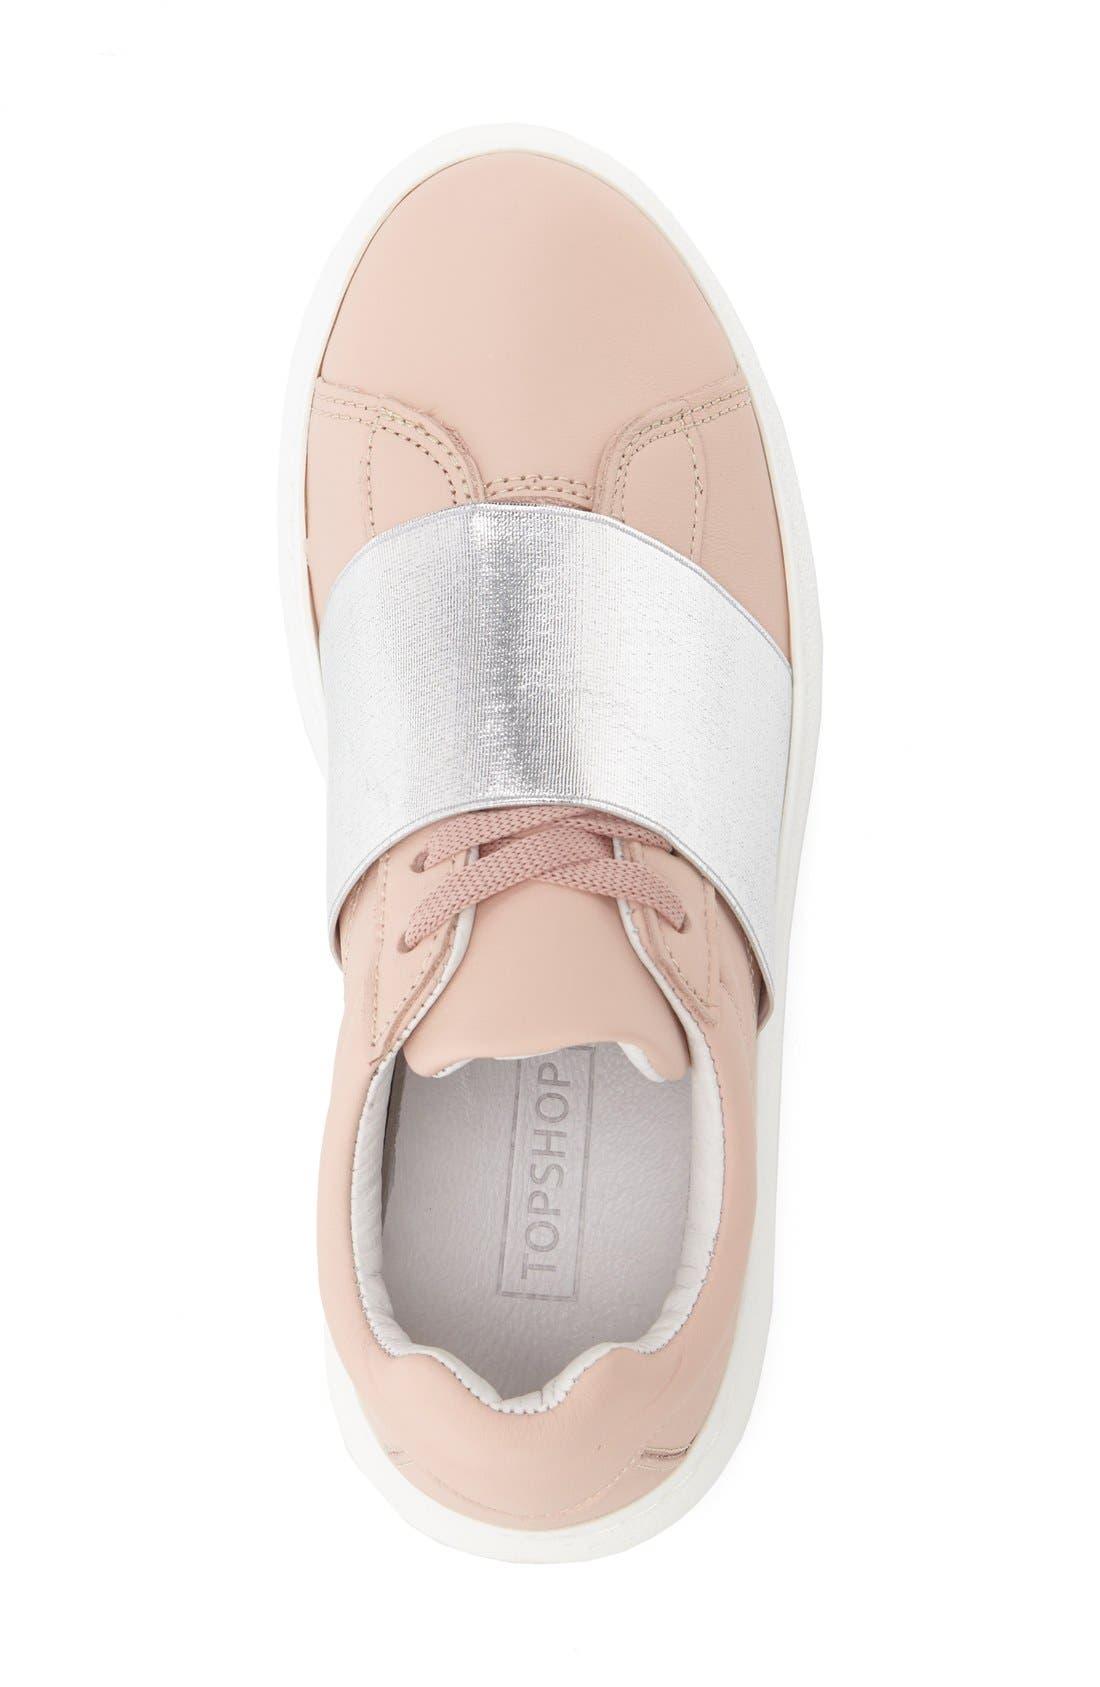 Turin Metallic Strap Platform Sneaker,                             Alternate thumbnail 3, color,                             Pink Multi